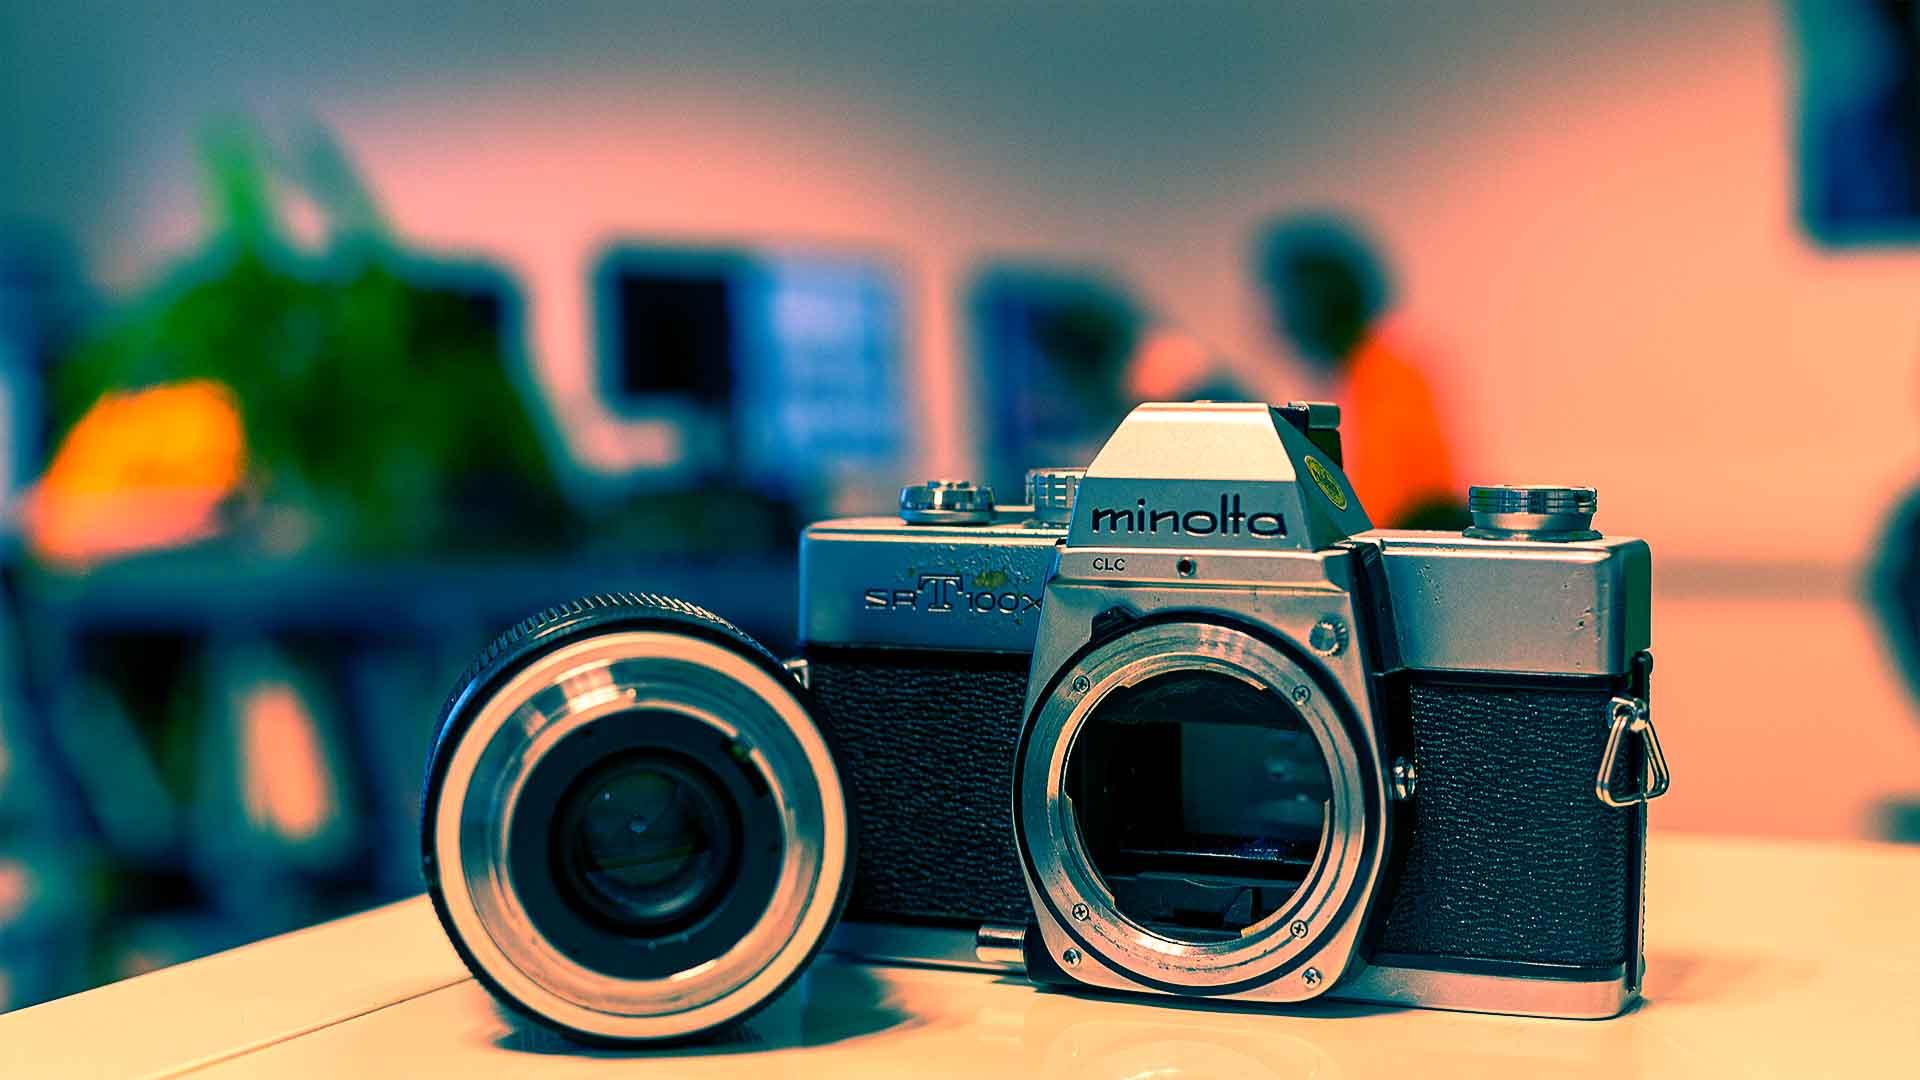 kommunikation og medier fgu aalborg analog kamera